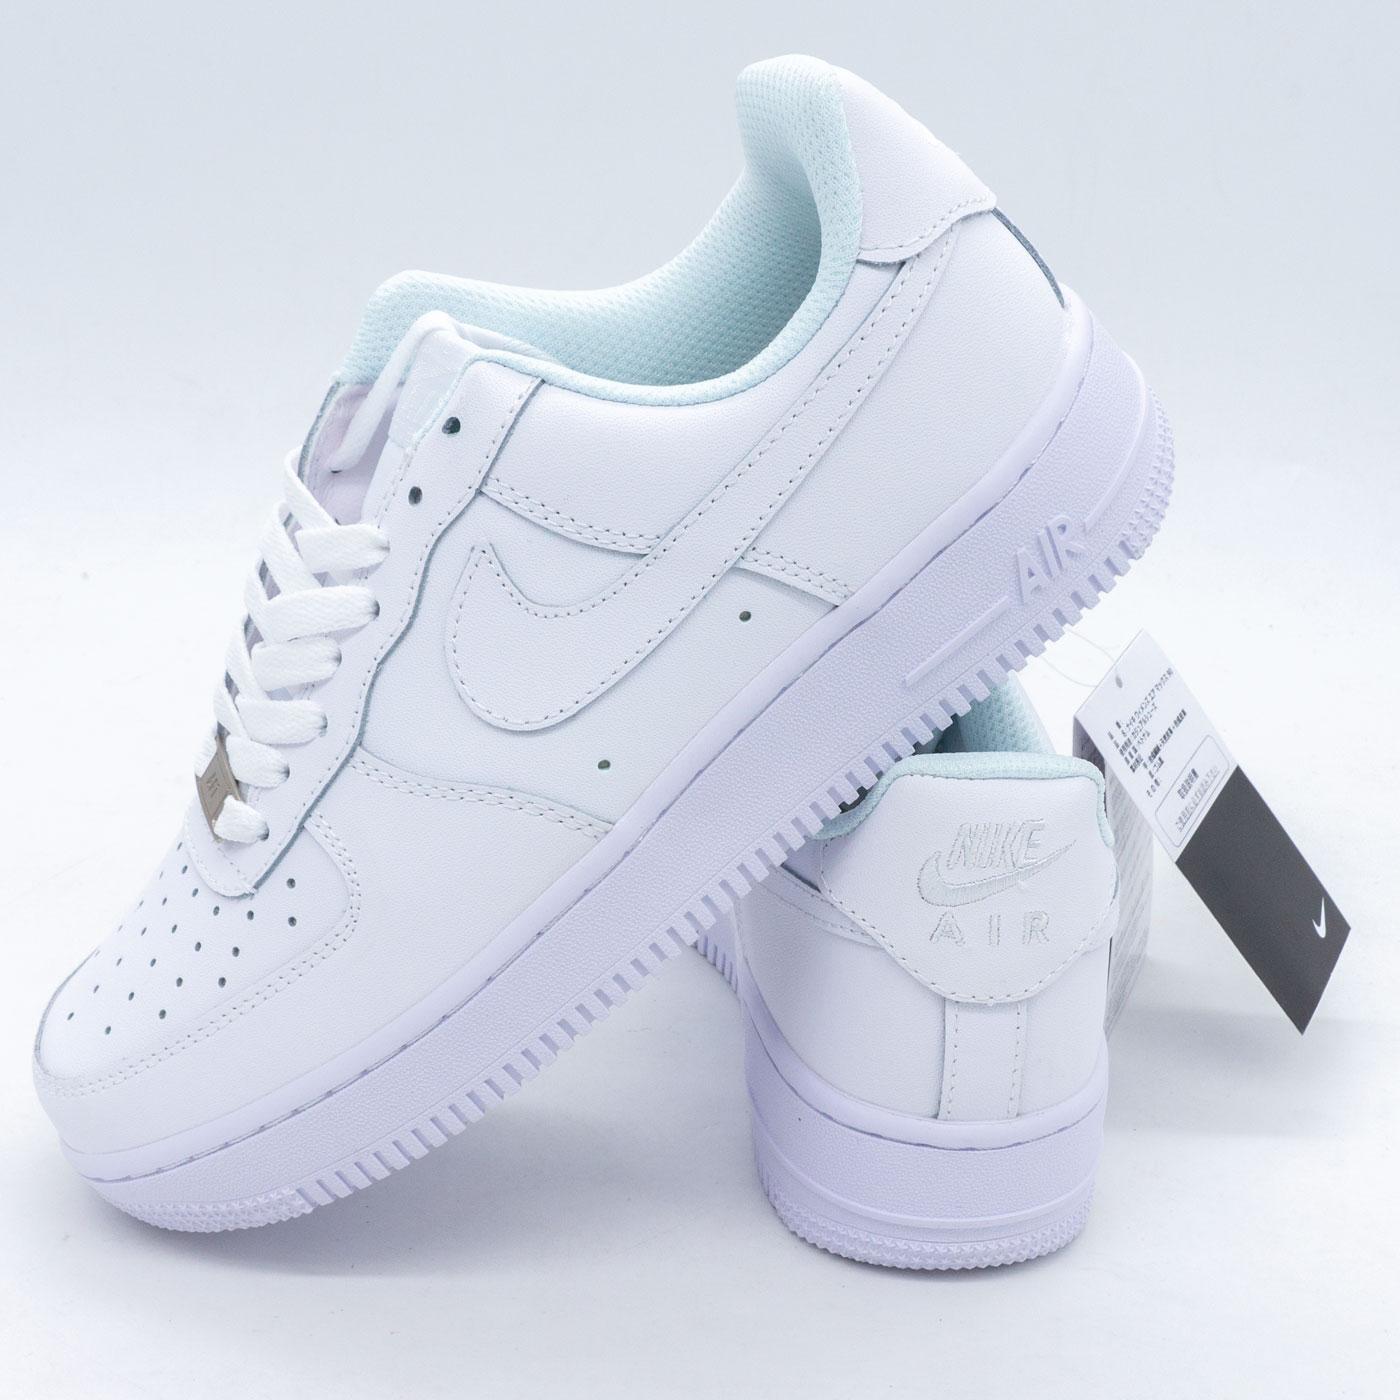 фото main Кроссовки Nike Air Force 1 низкие белые - Топ качество main